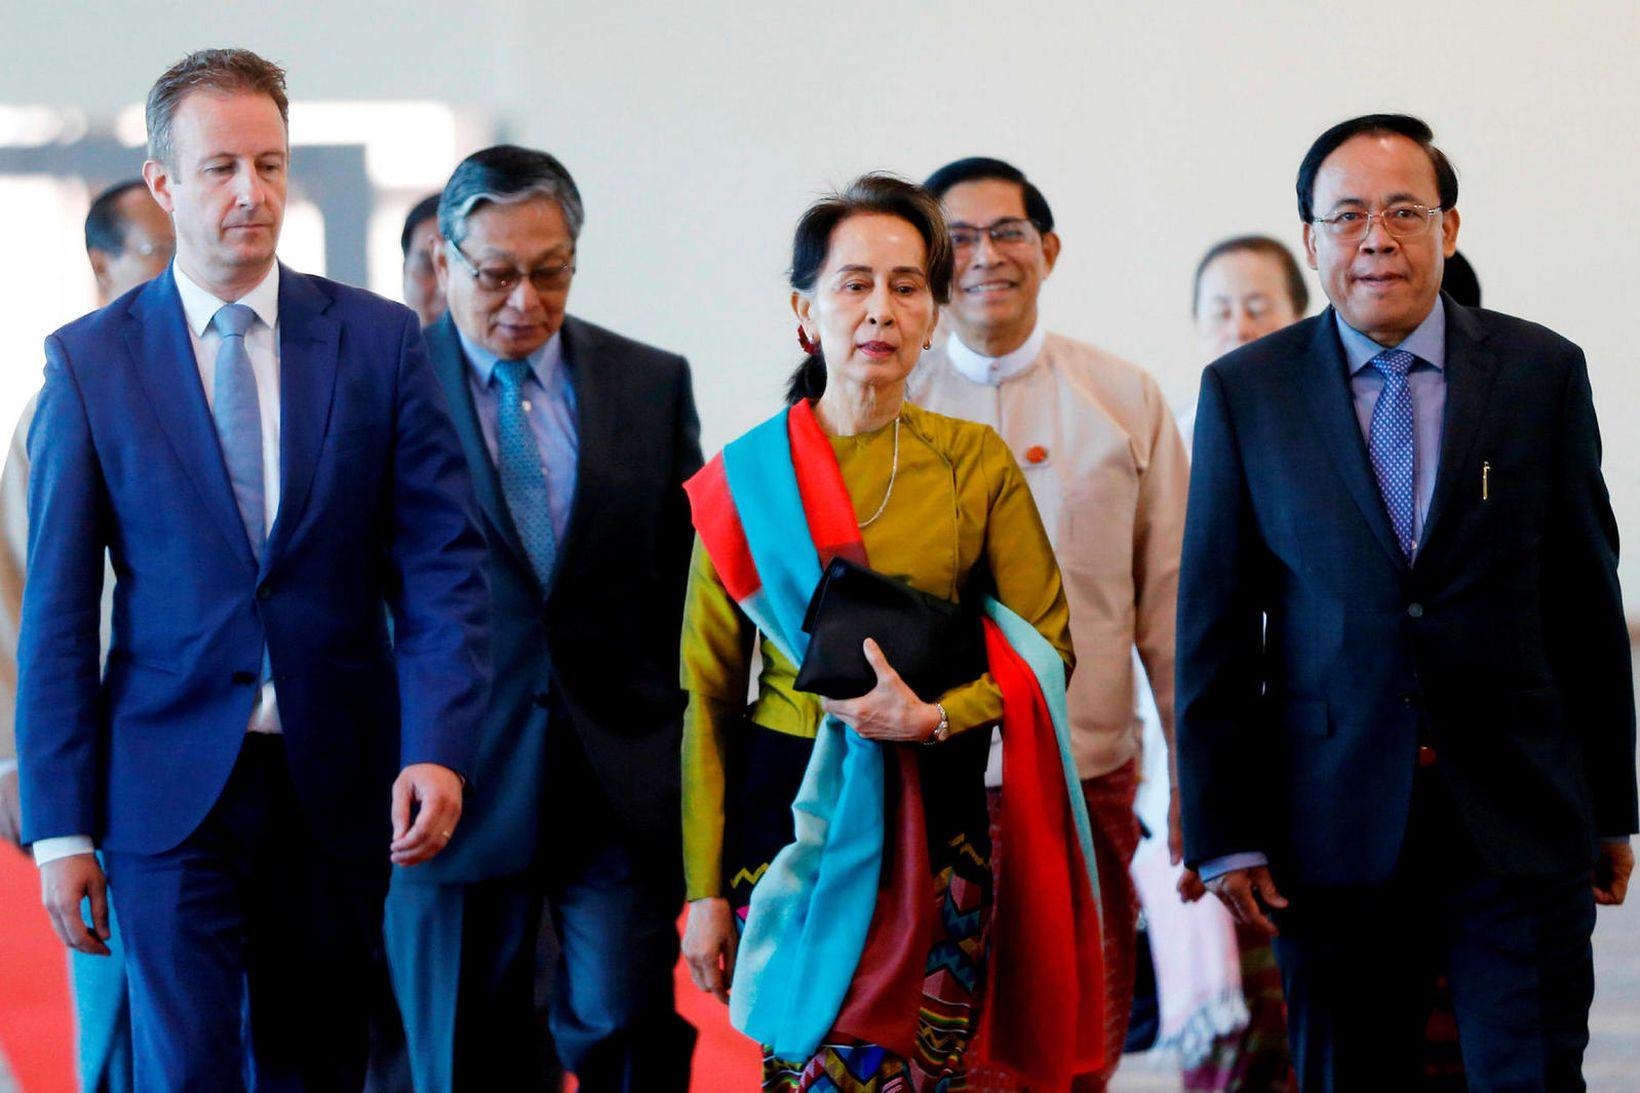 Aung San Suu Kyi á flugvellinum í höfuðborg Mjanmar, á …